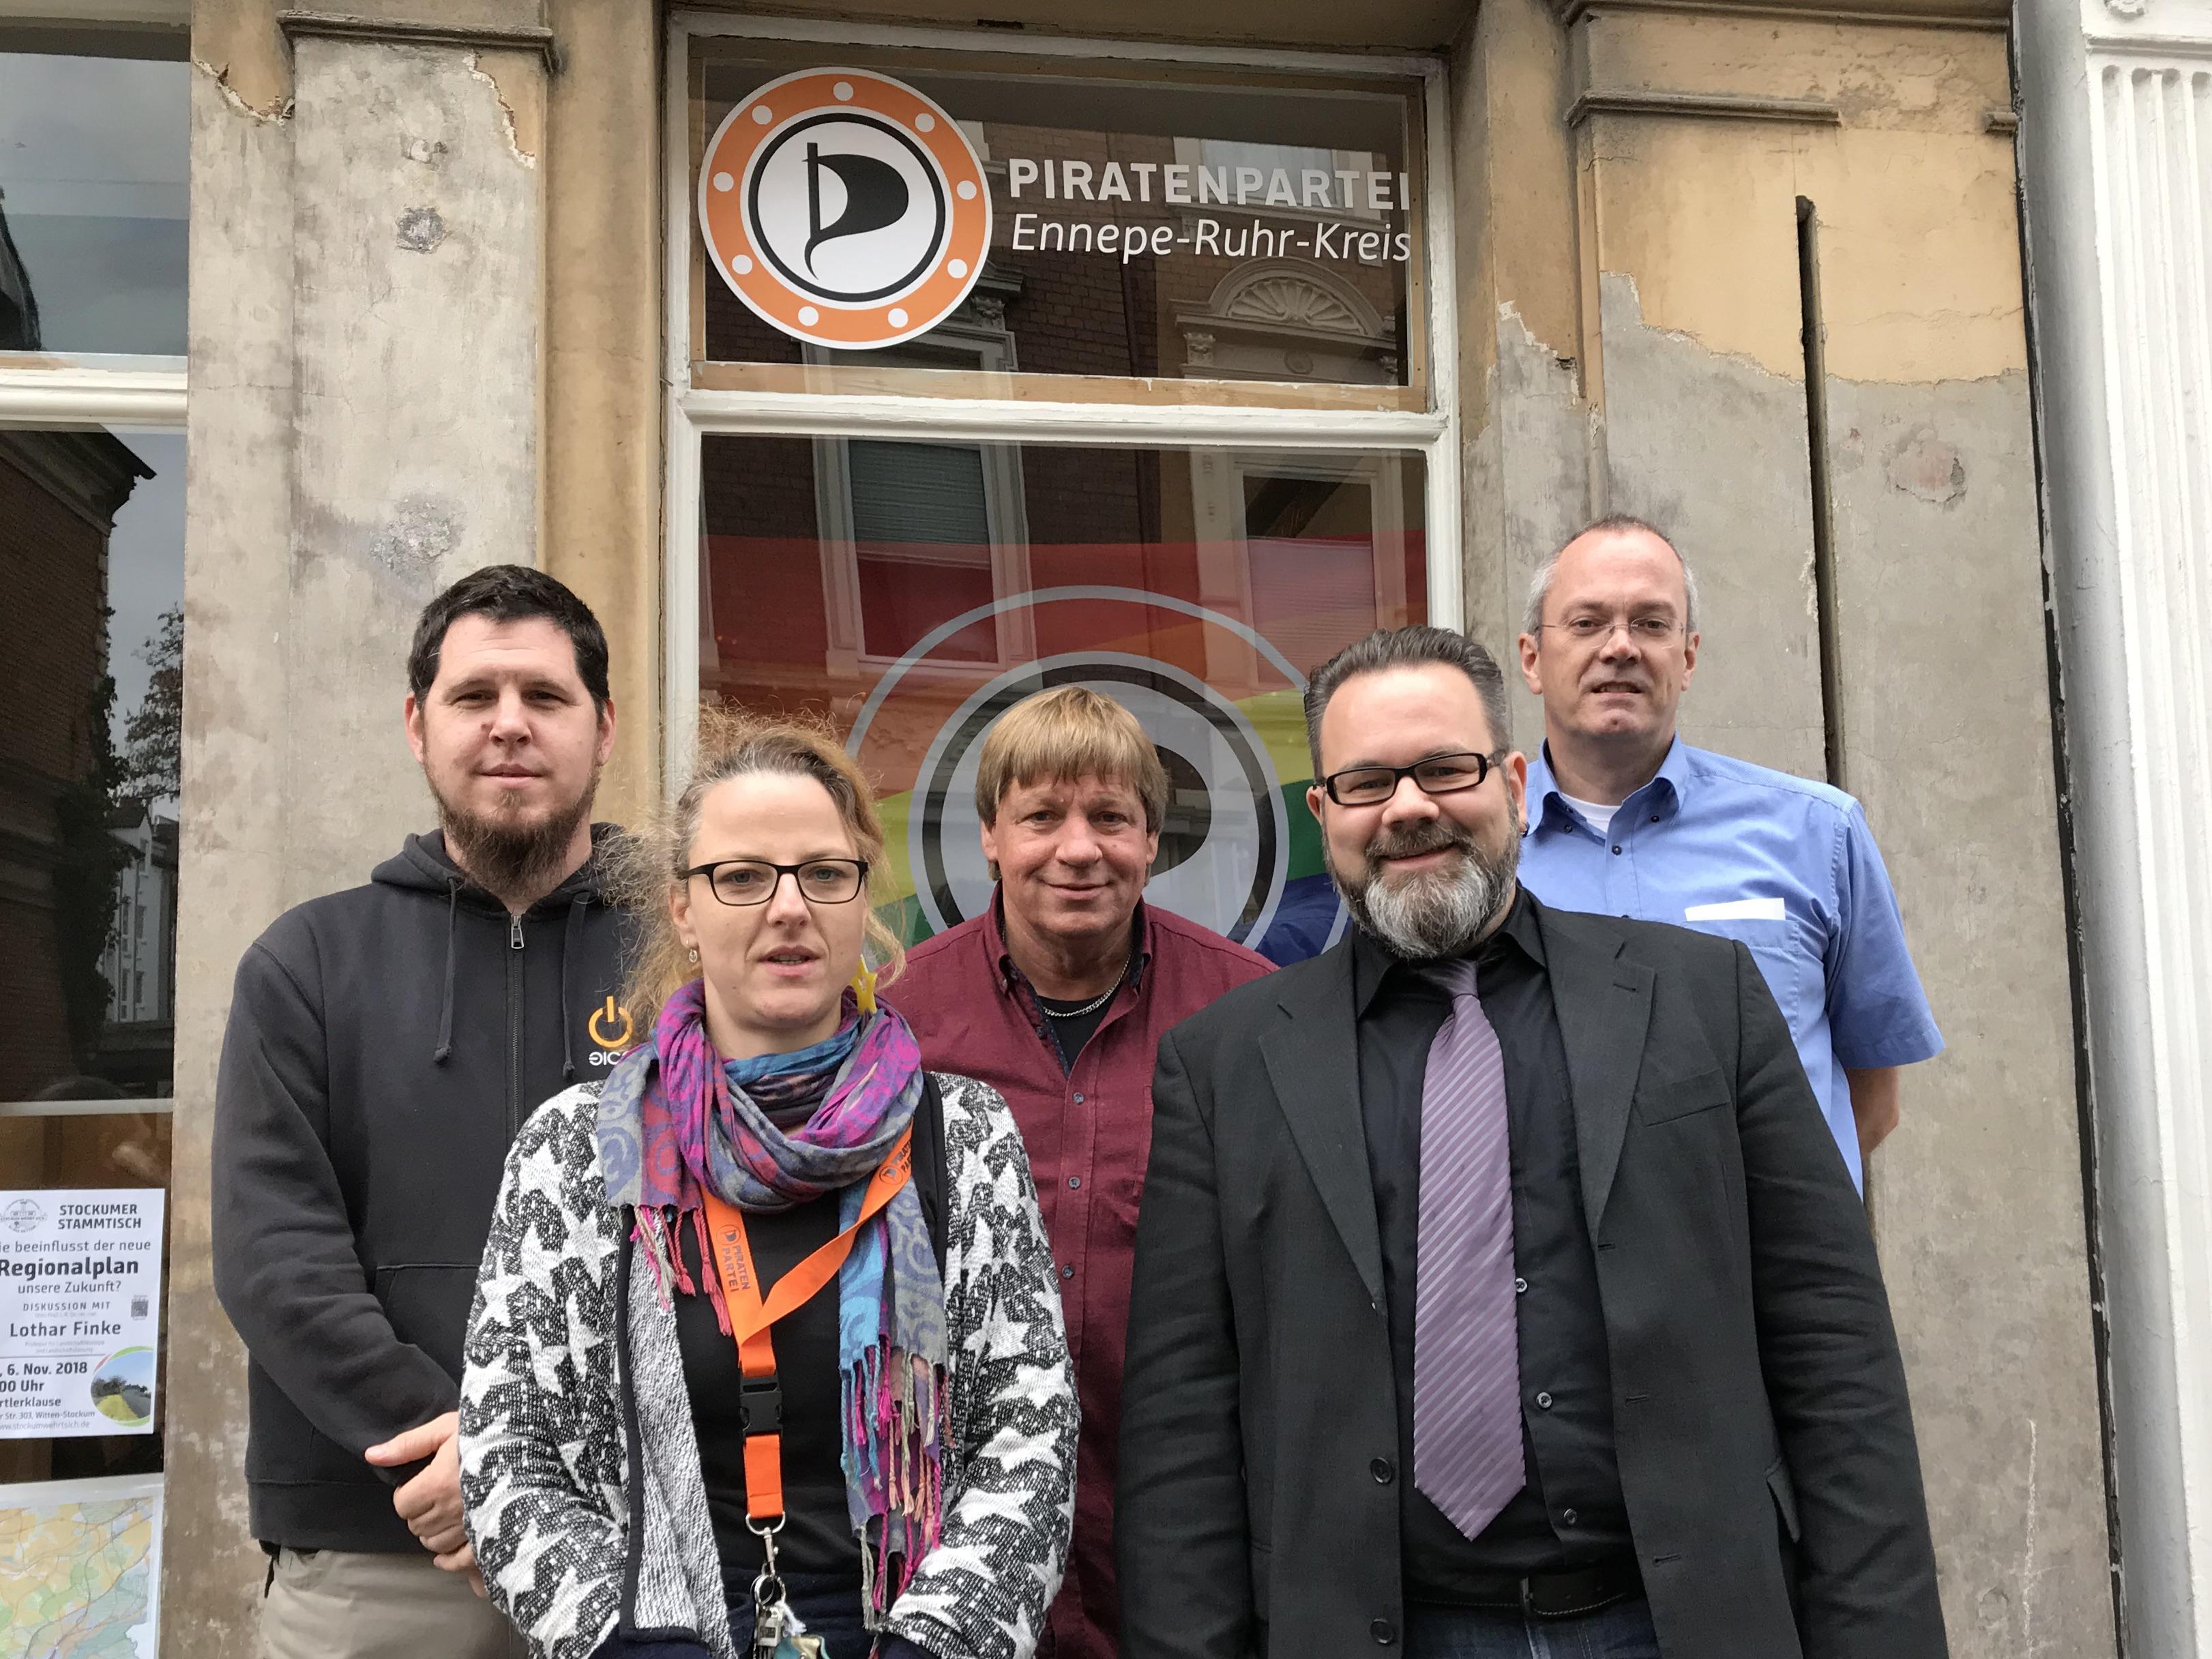 Der neu gewählte Vorstand der EN-Piraten: die Vorsitzenden Maria Bach und Stefan Borggraefe (vorne), Beisitzer Christian Sarazin und Roland Löpke und der Schatzmeister Jörg Müller (hinten, v.l.n.r. ).